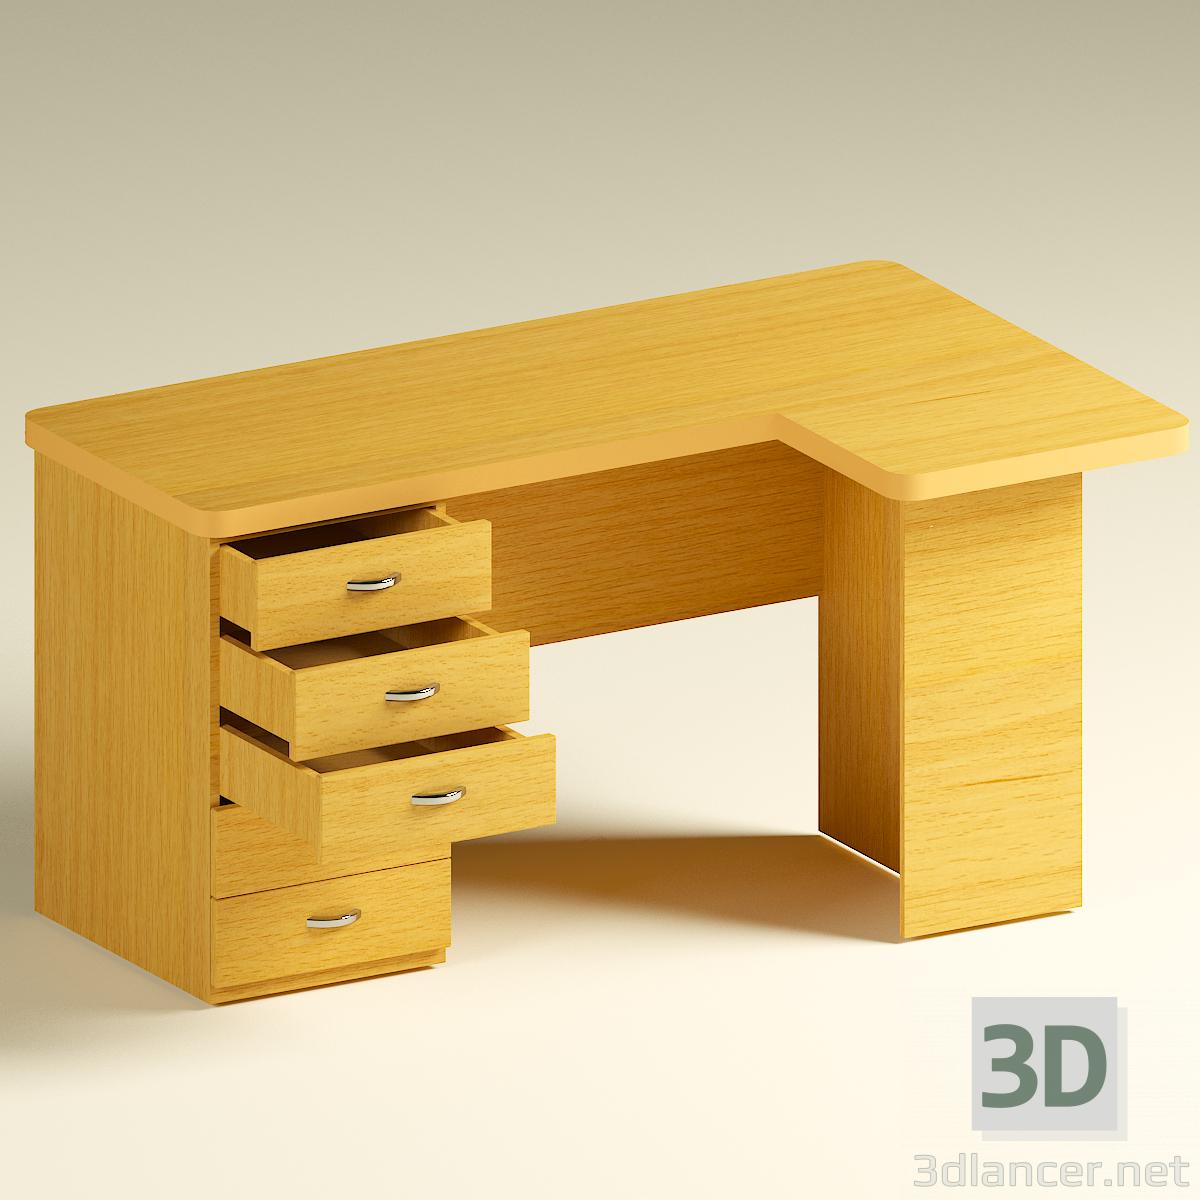 modello 3D scrivania del computer angolo - anteprima